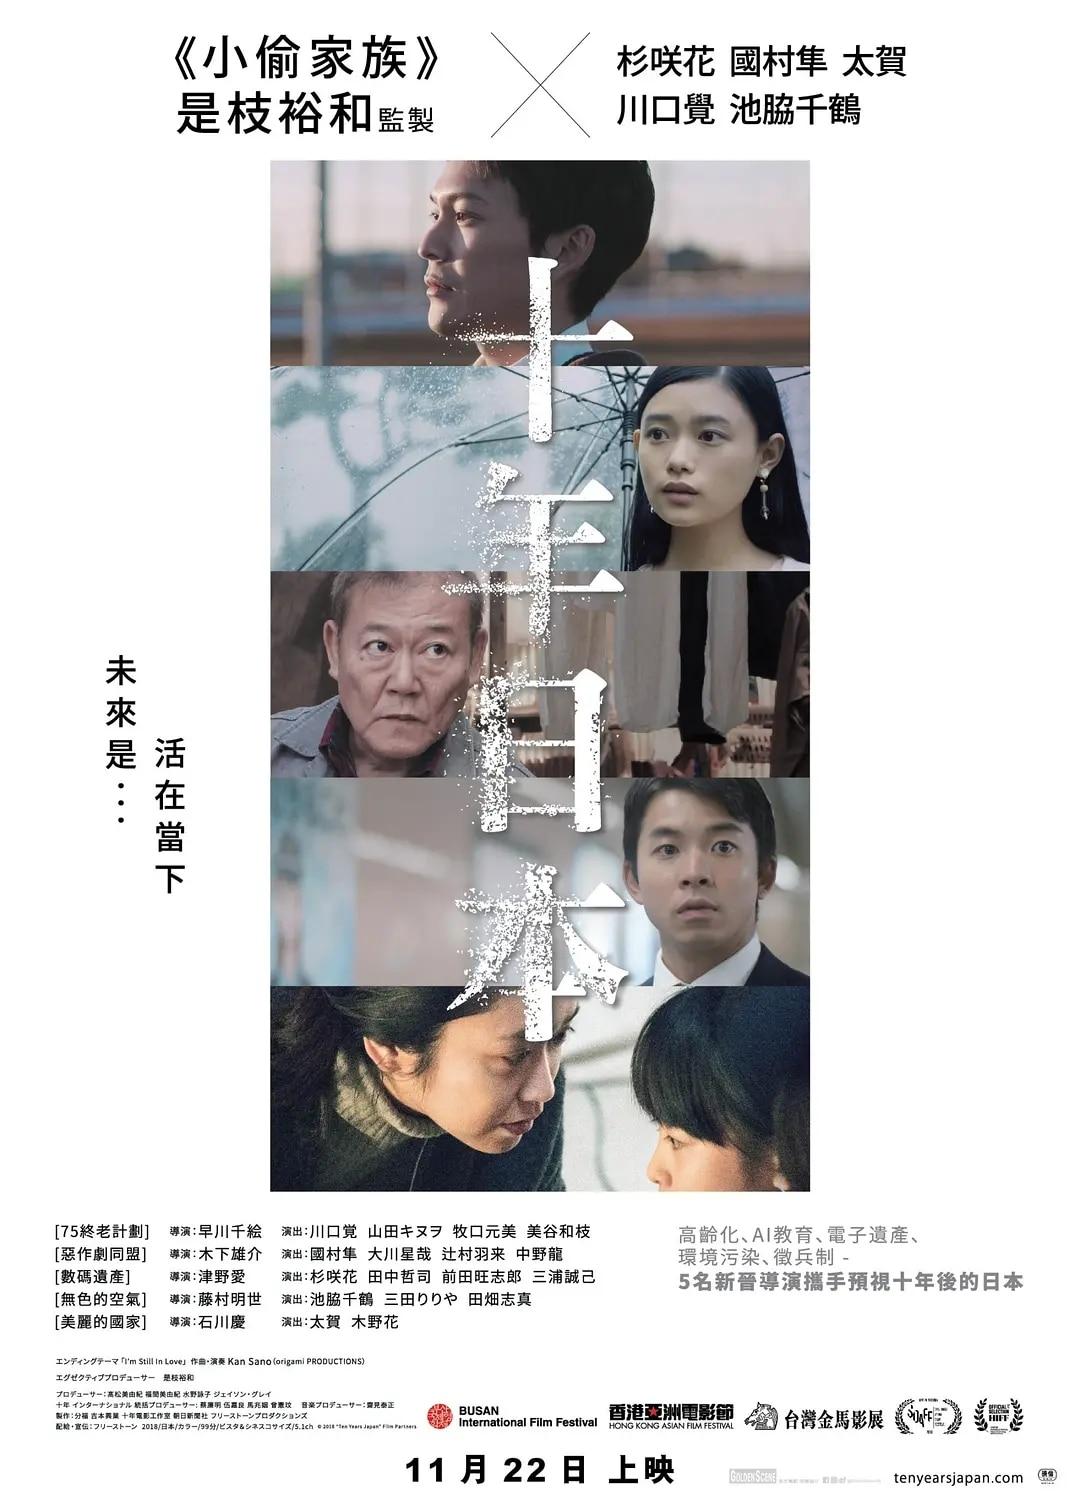 十年日本 [日本社会思考的电影]